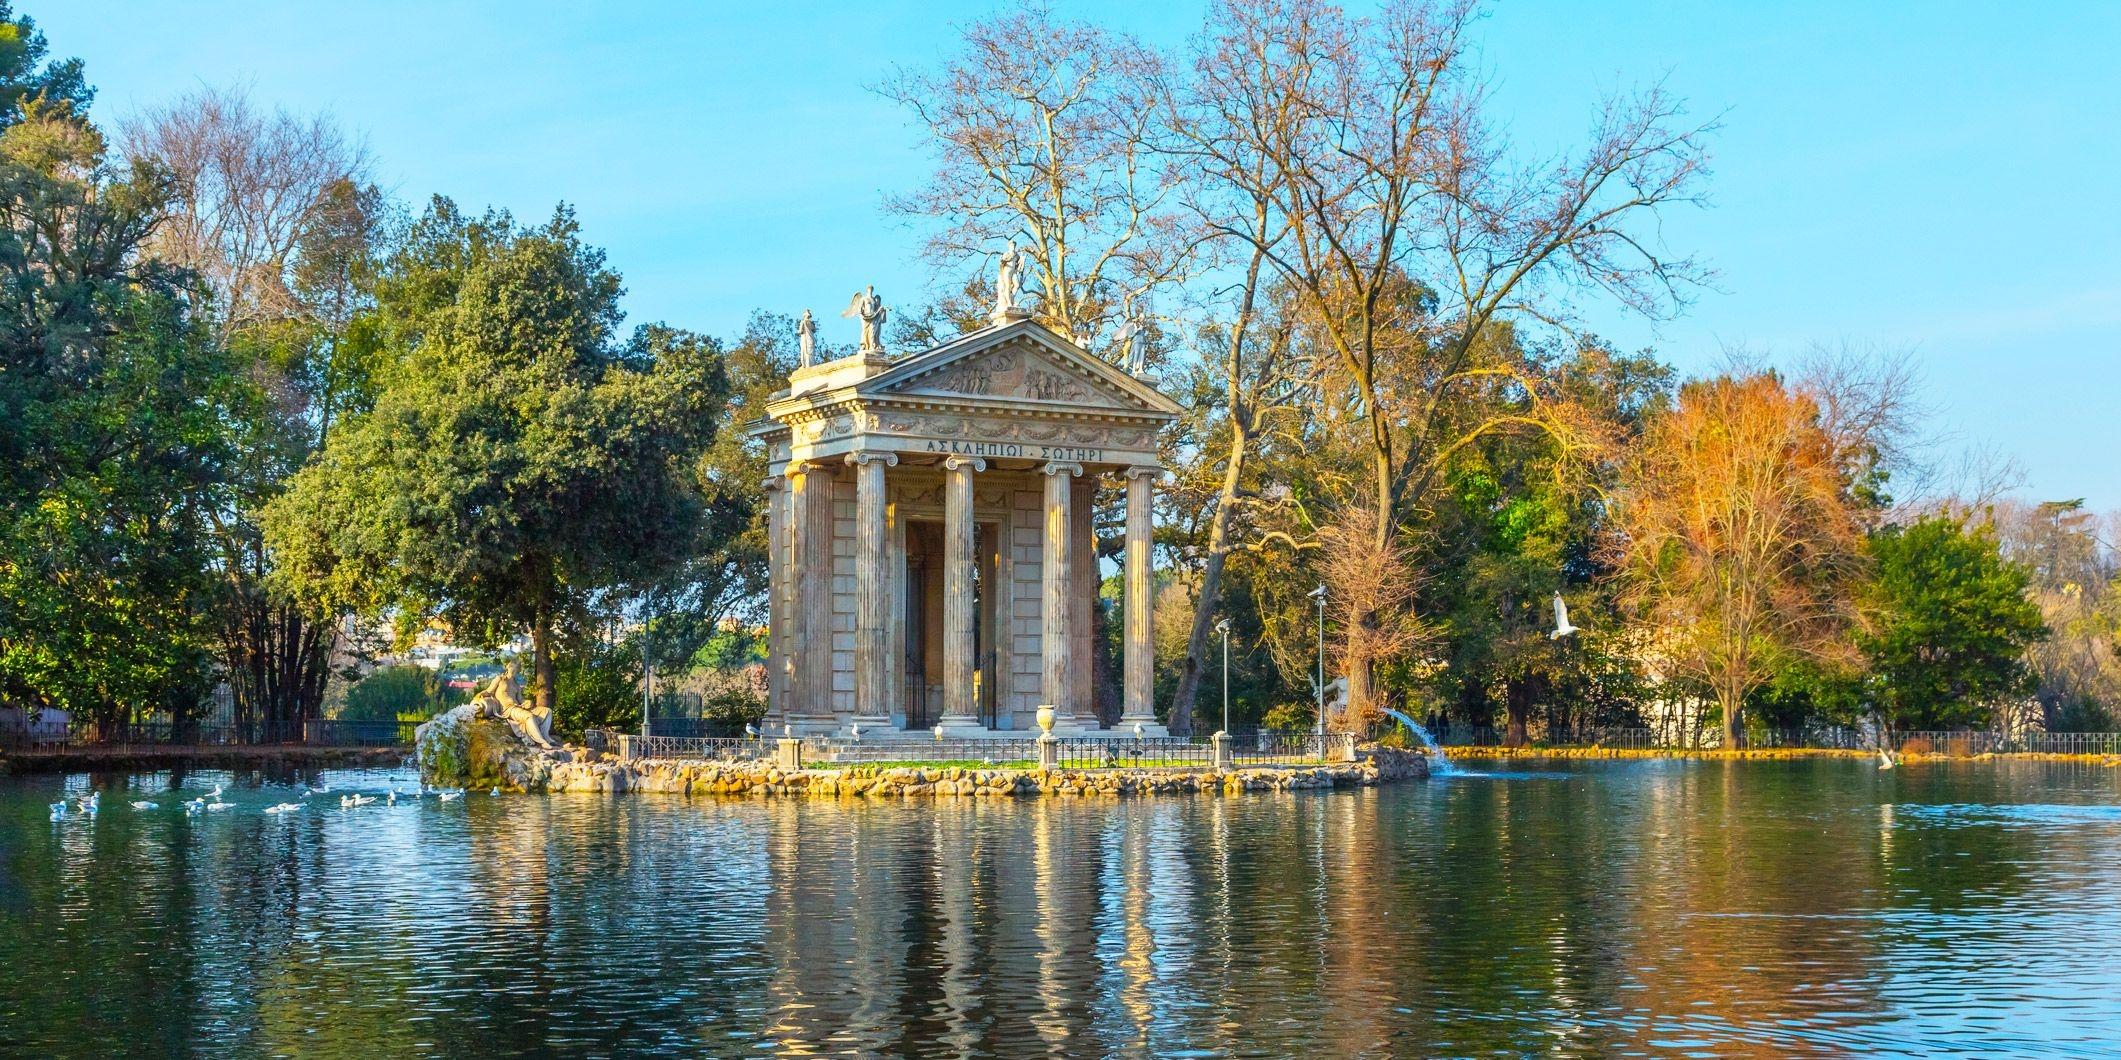 ايطاليا روما اهم الاماكن السياحيه حدائق فيلا بورغيزي